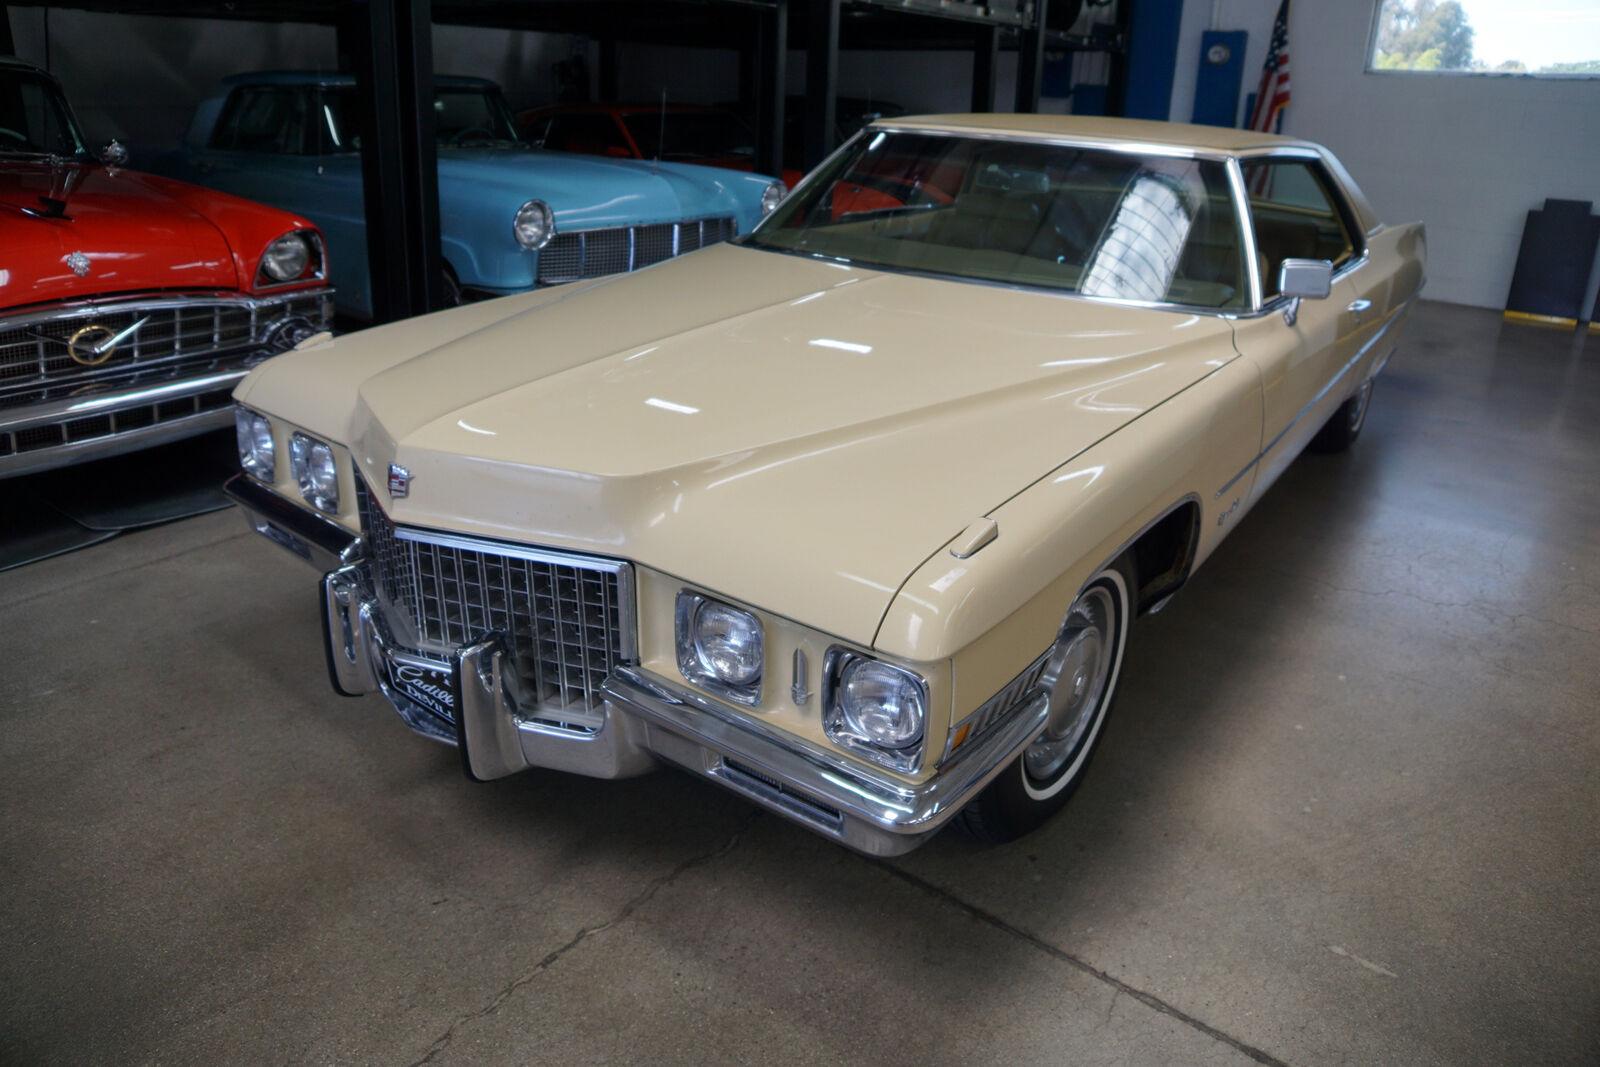 1971 Cadillac DeVille 2 Dr 472/345HP V8 Hardtop